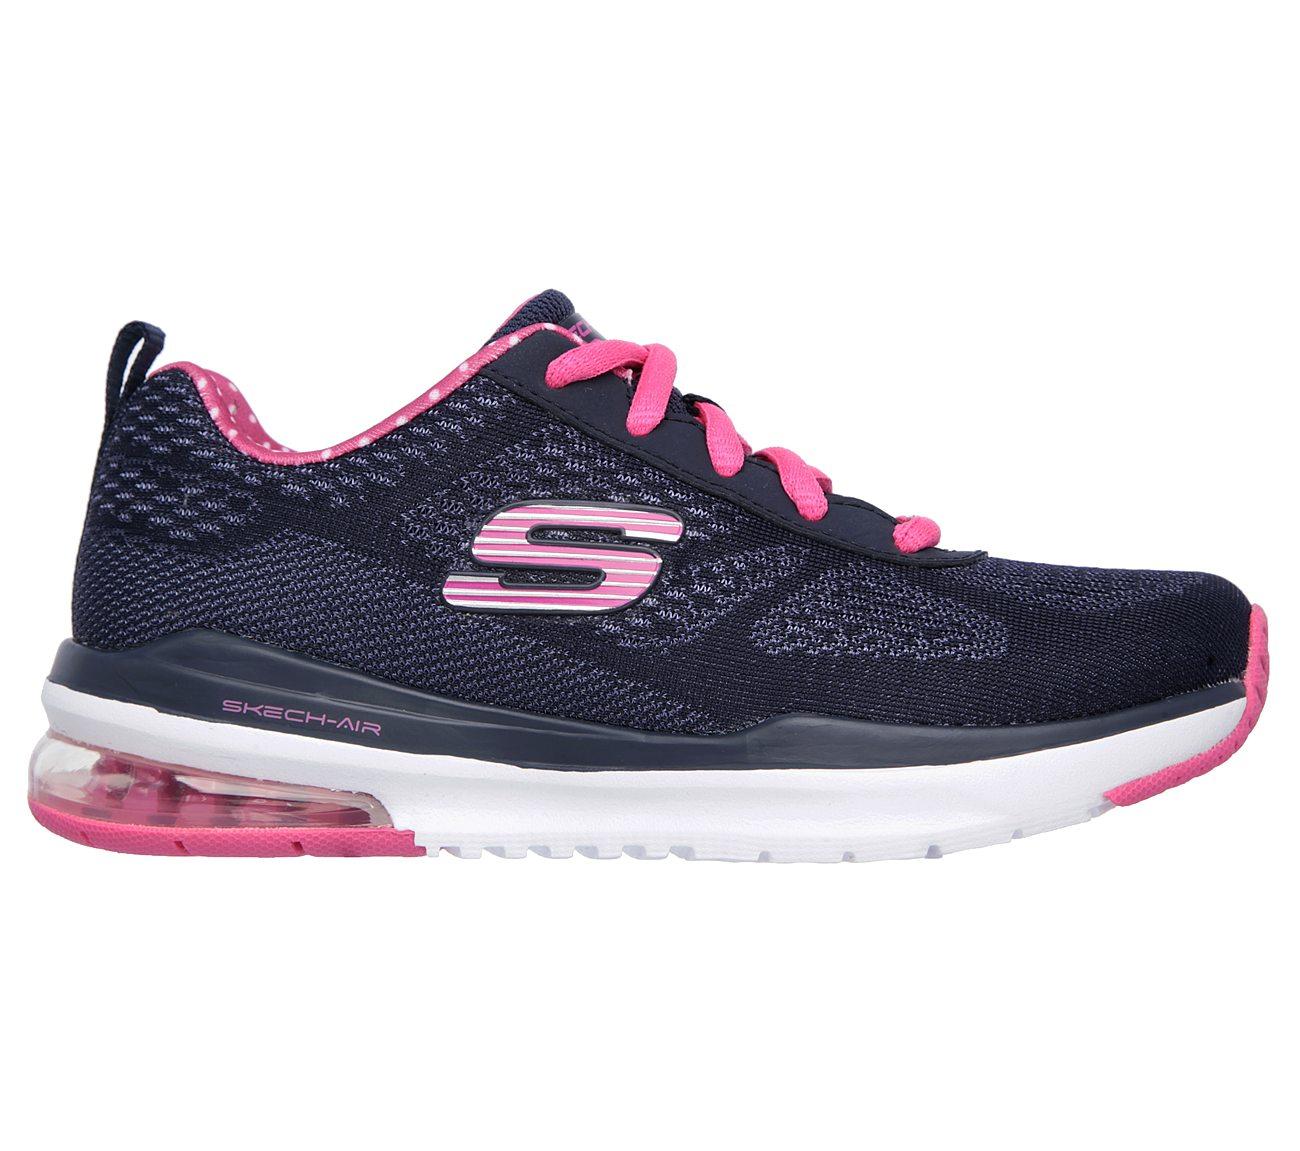 Skechers Skechair Infinity Women's Air Max Sneakers Shoes